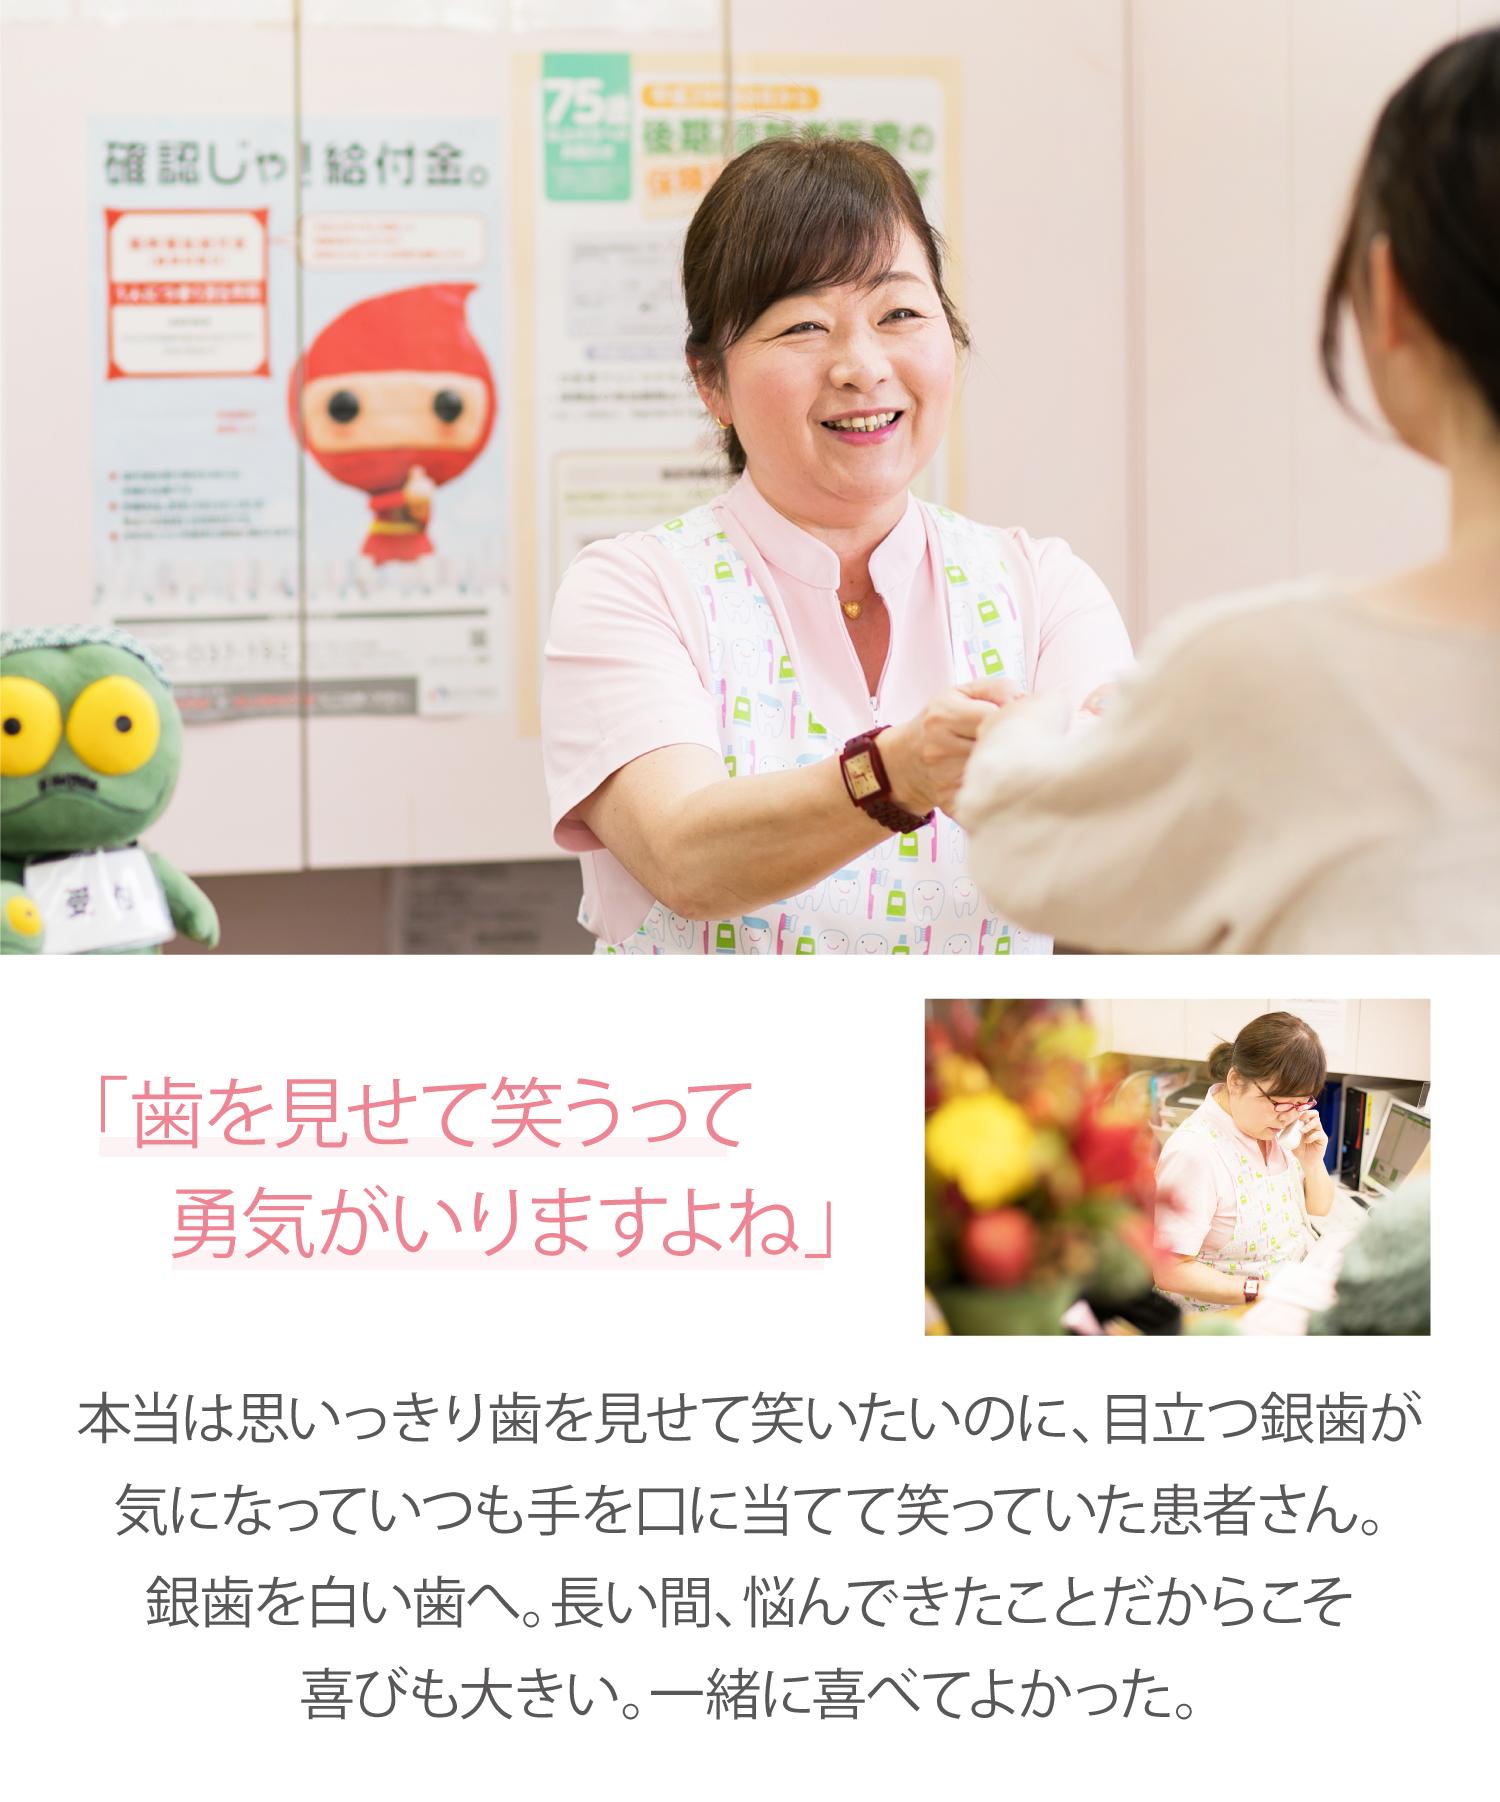 「患者さんの笑顔が増えると 私たちも笑っている気がする」